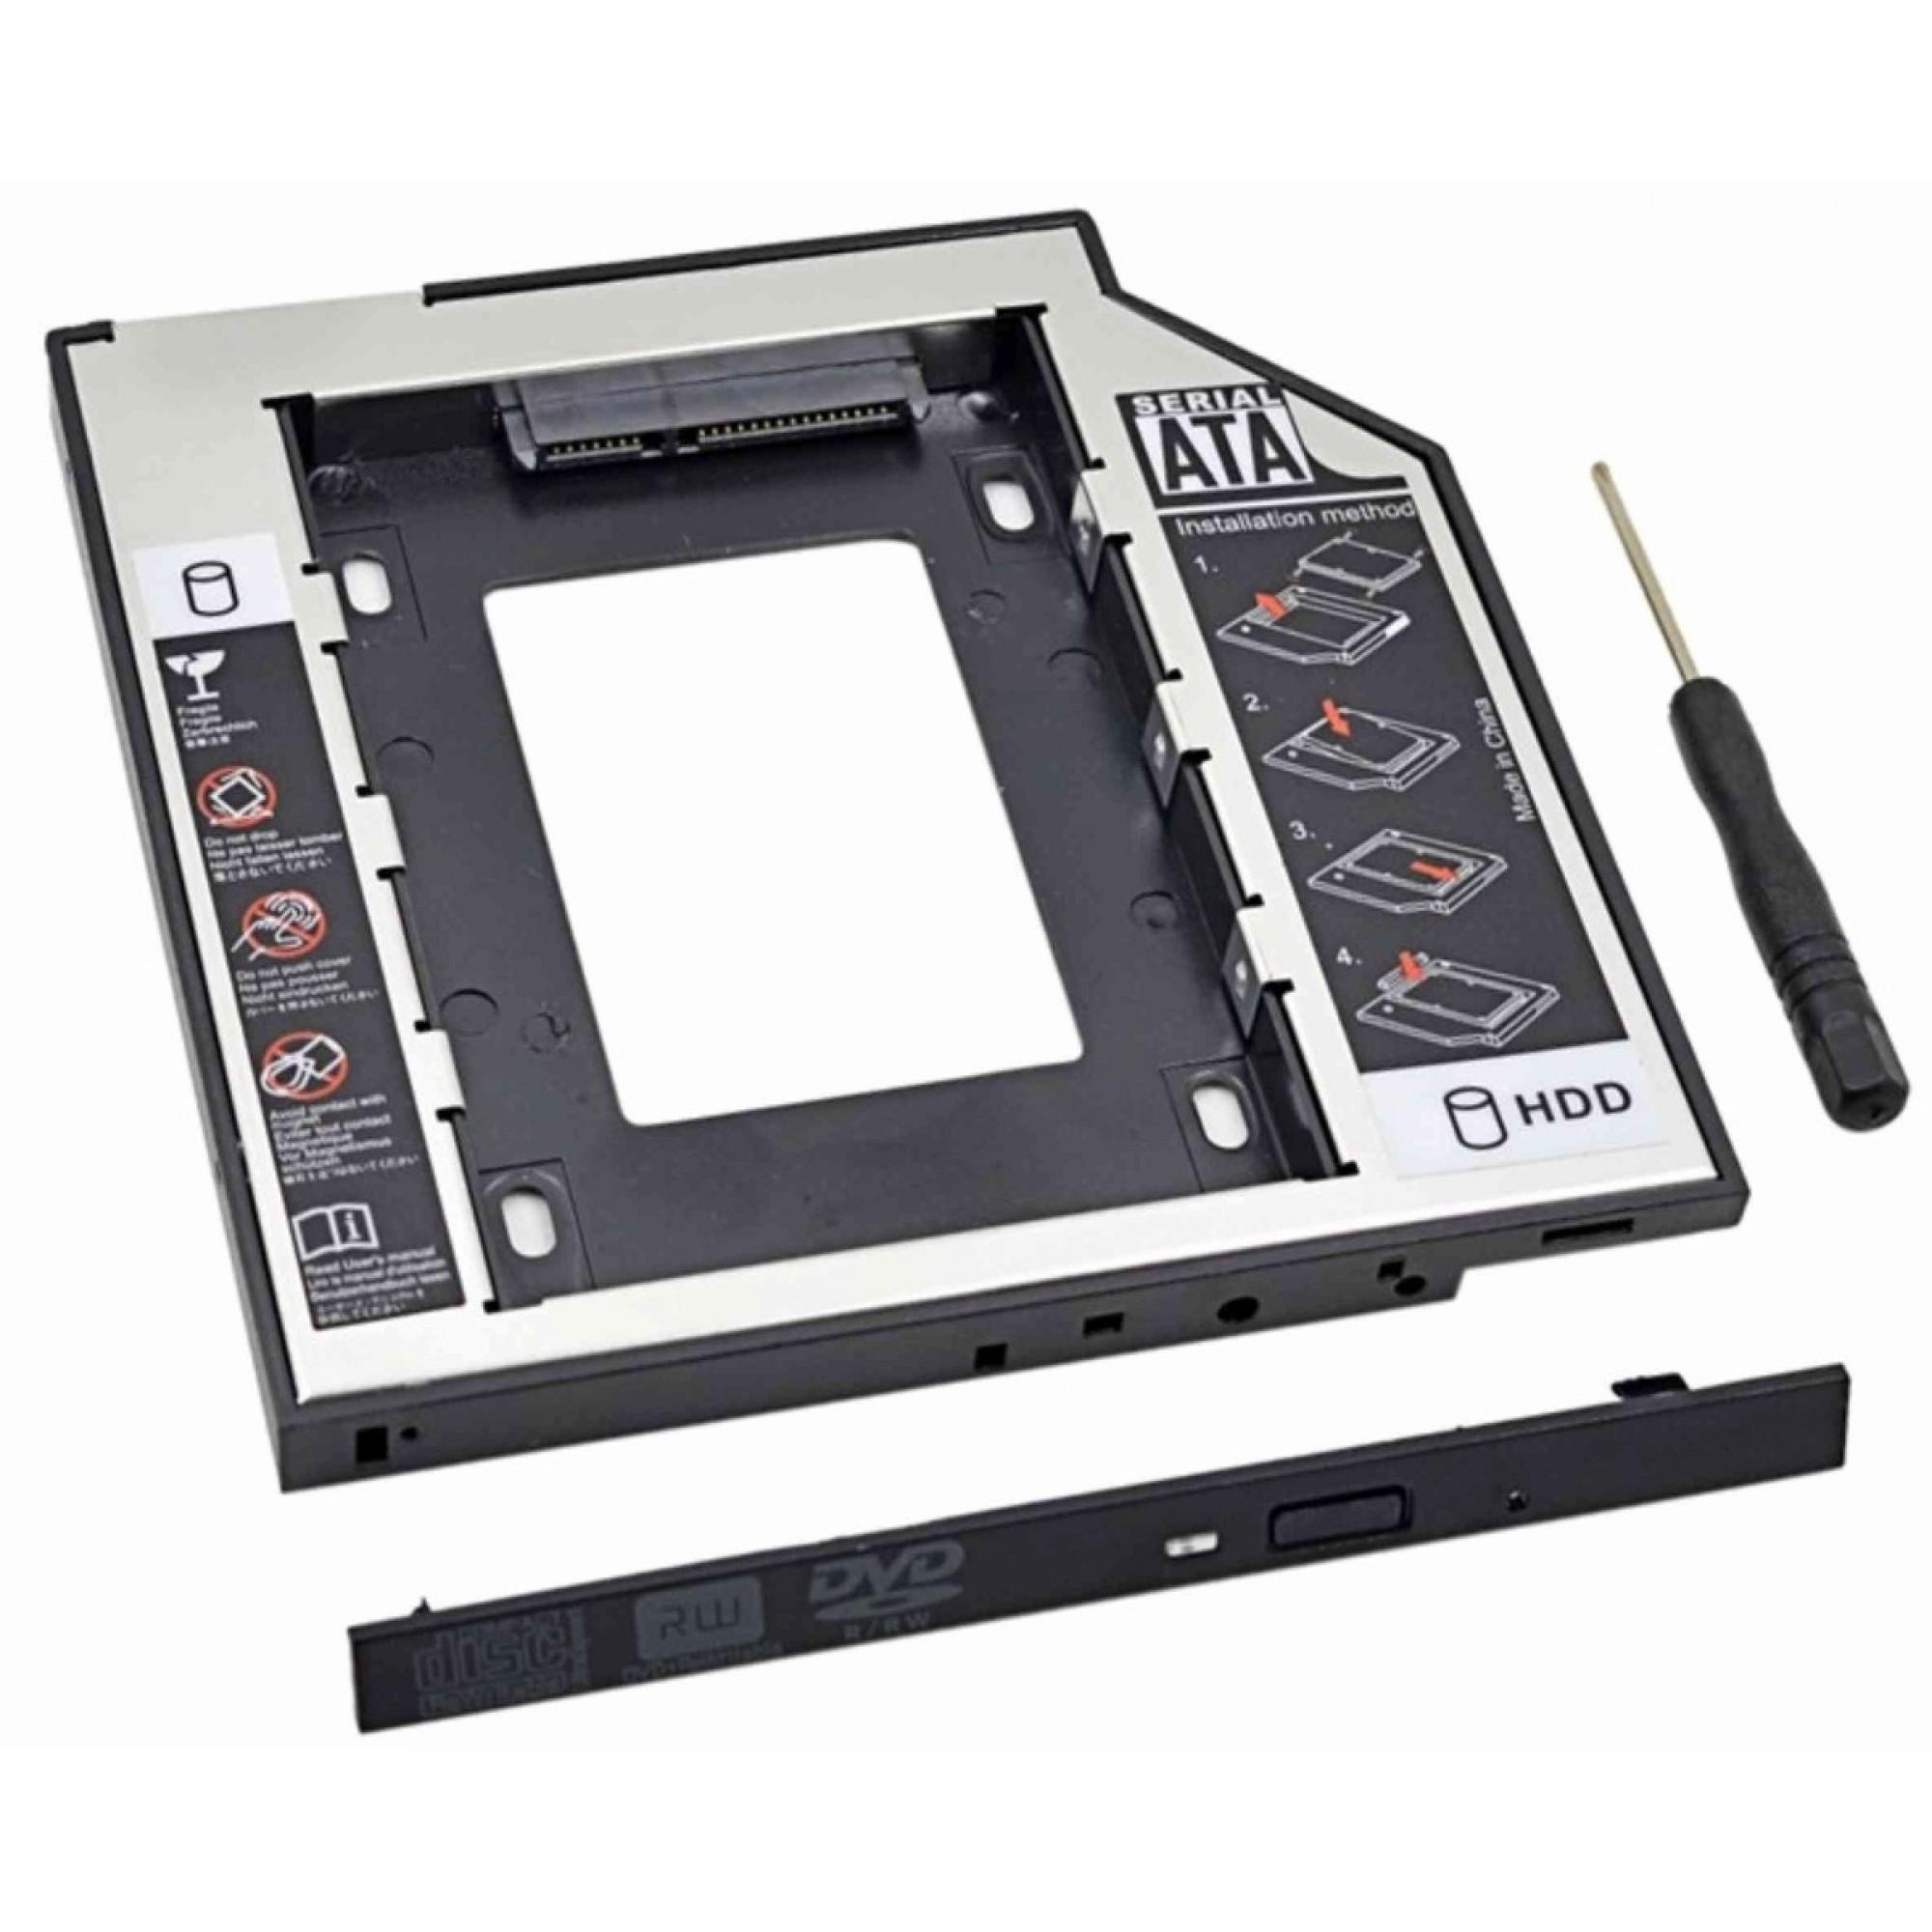 Adaptador Baia Caddy DVD para Segundo HD ou SSD 2.5 Sata 12.5mm CS-05 TSA